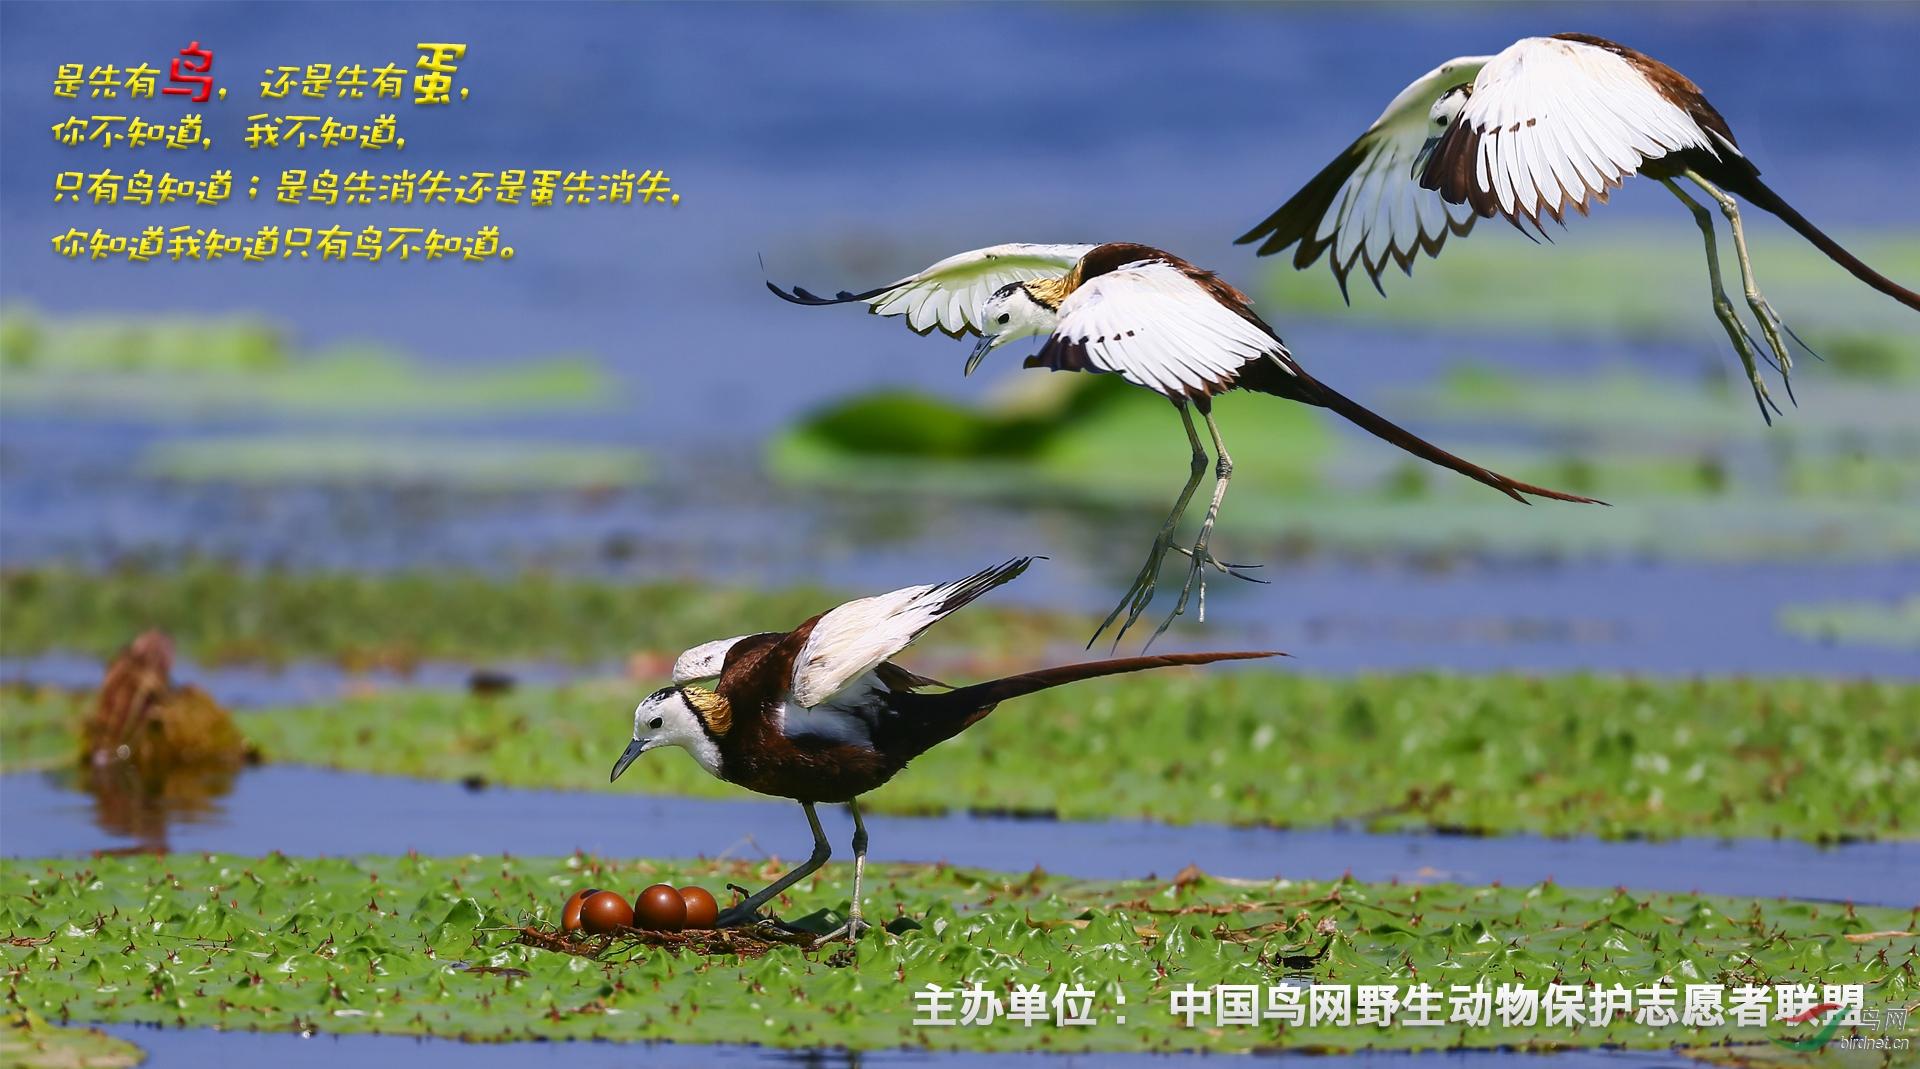 鸟与蛋--鸟网征集(舒仁庆设计13997700123)完美好难.jpg